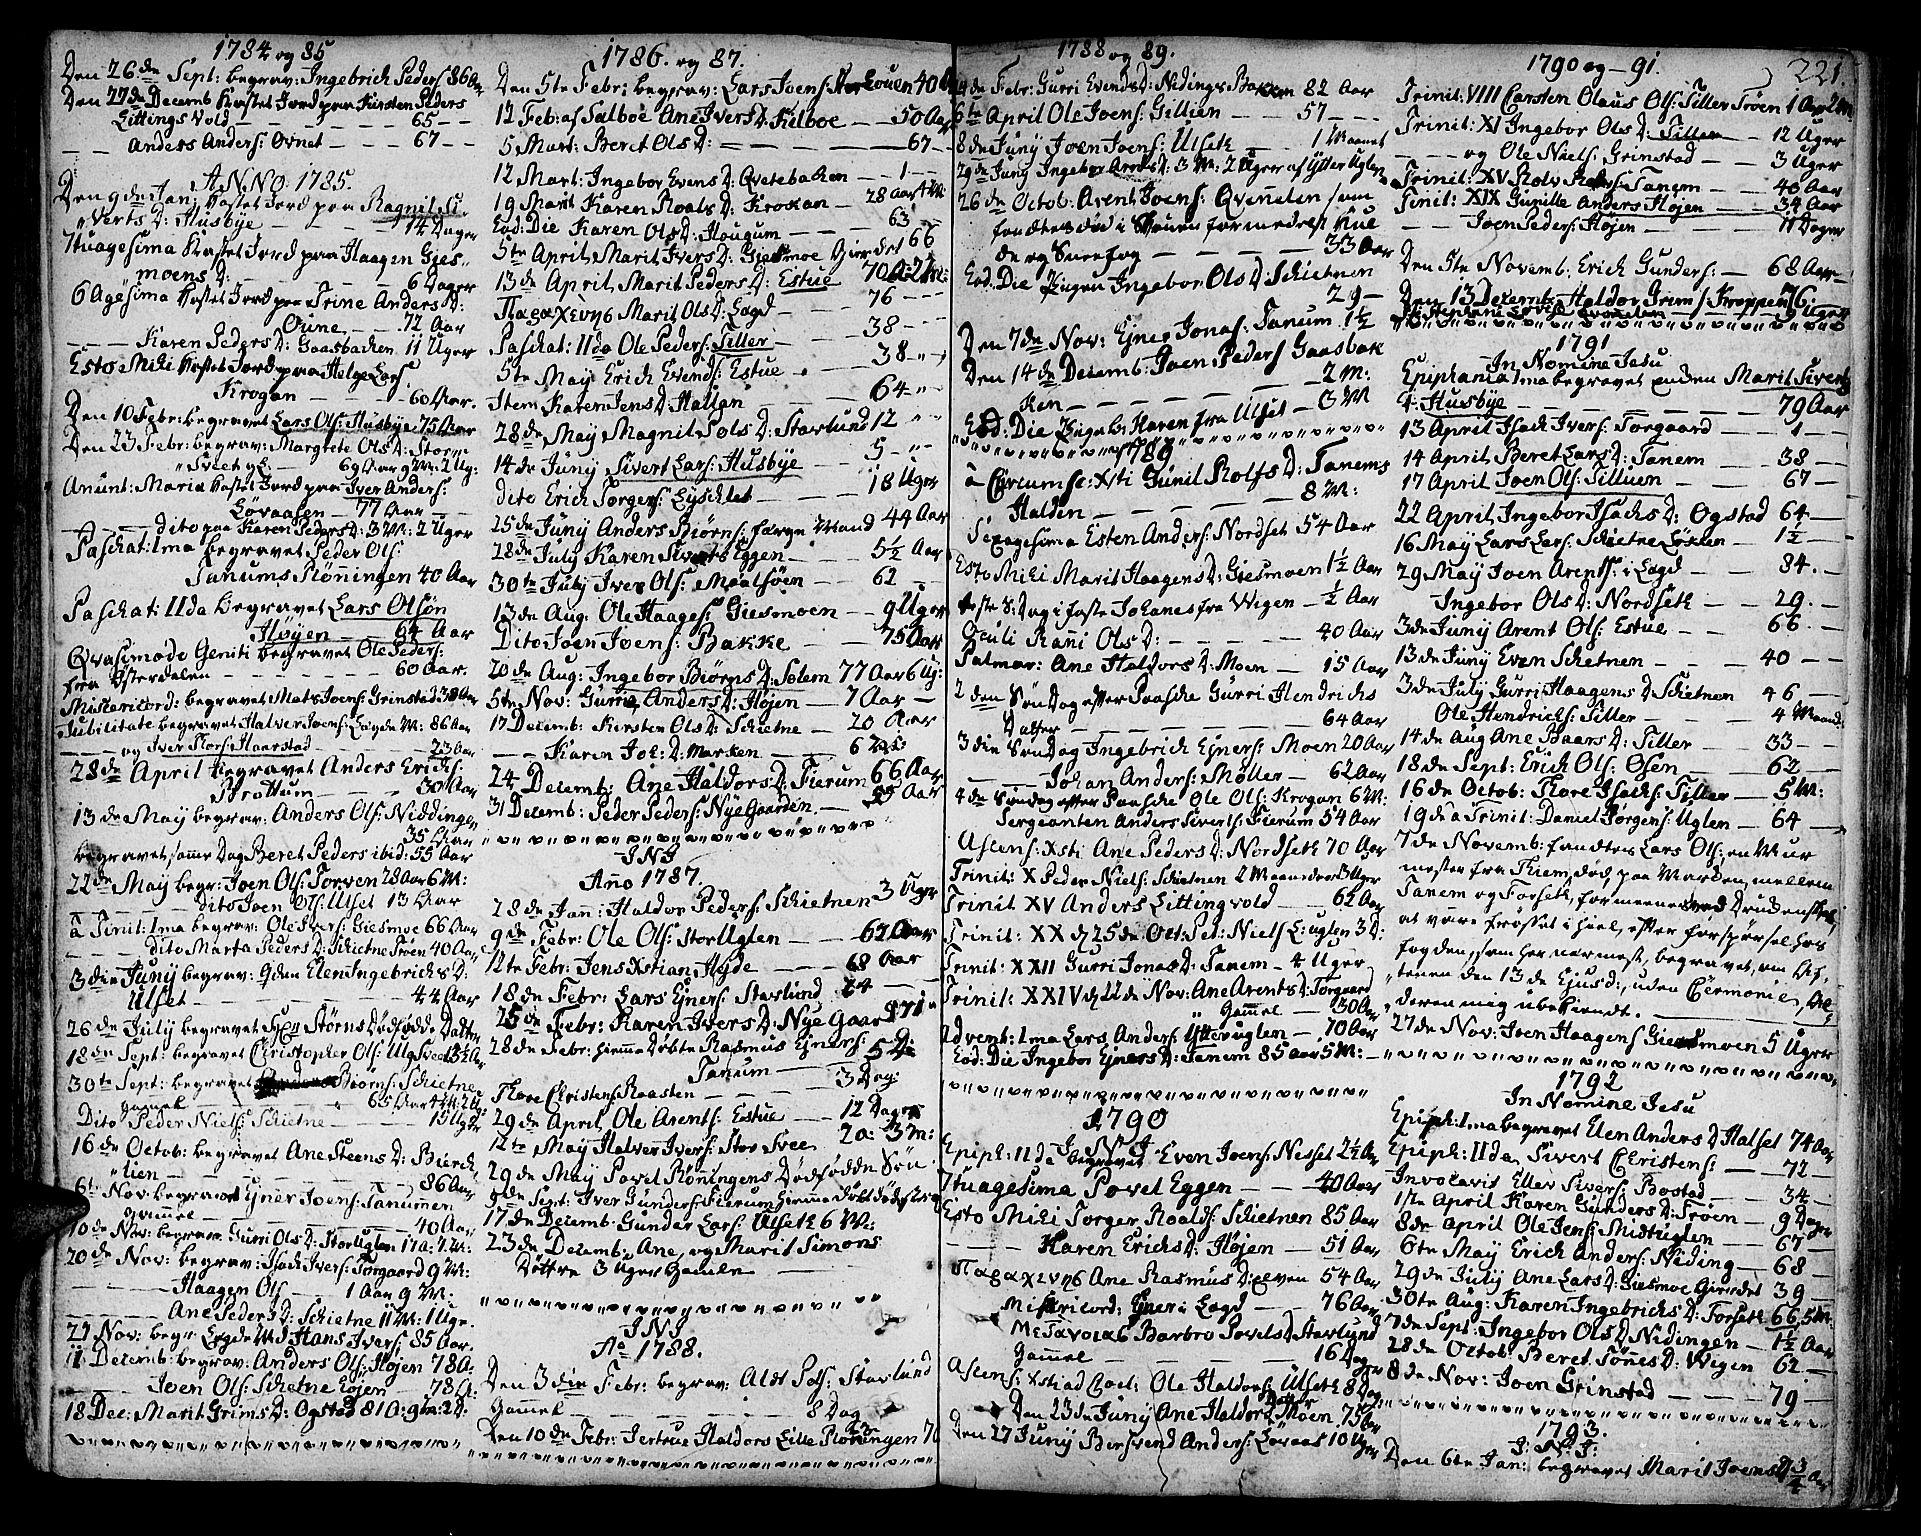 SAT, Ministerialprotokoller, klokkerbøker og fødselsregistre - Sør-Trøndelag, 618/L0438: Ministerialbok nr. 618A03, 1783-1815, s. 221